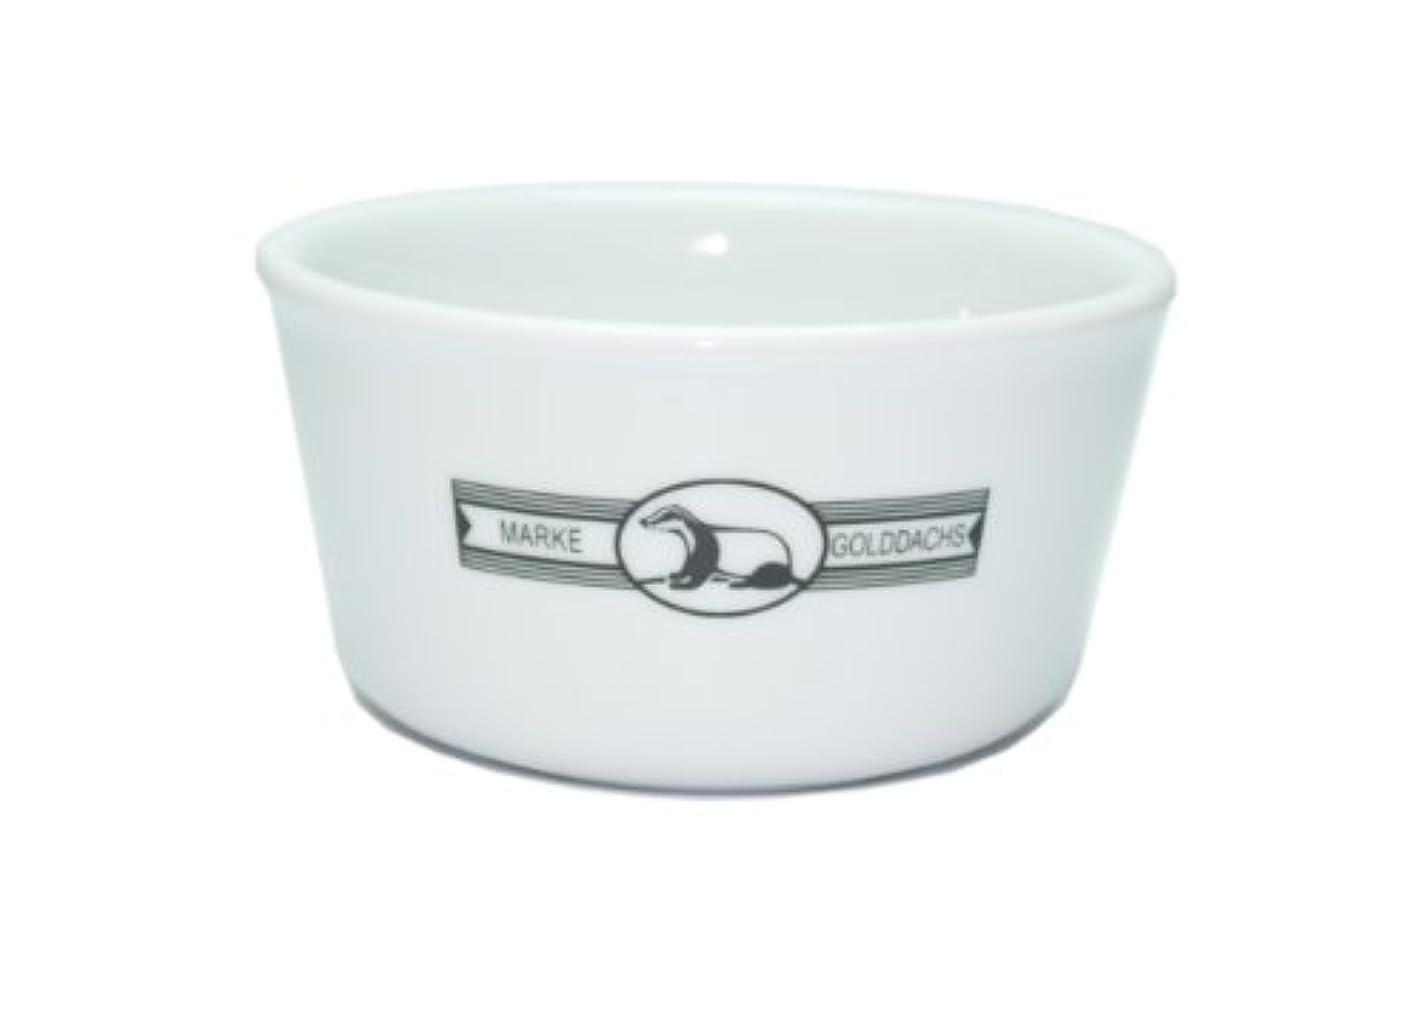 ただやる資格スポットGolddachs Shaving Pot, Porcelain